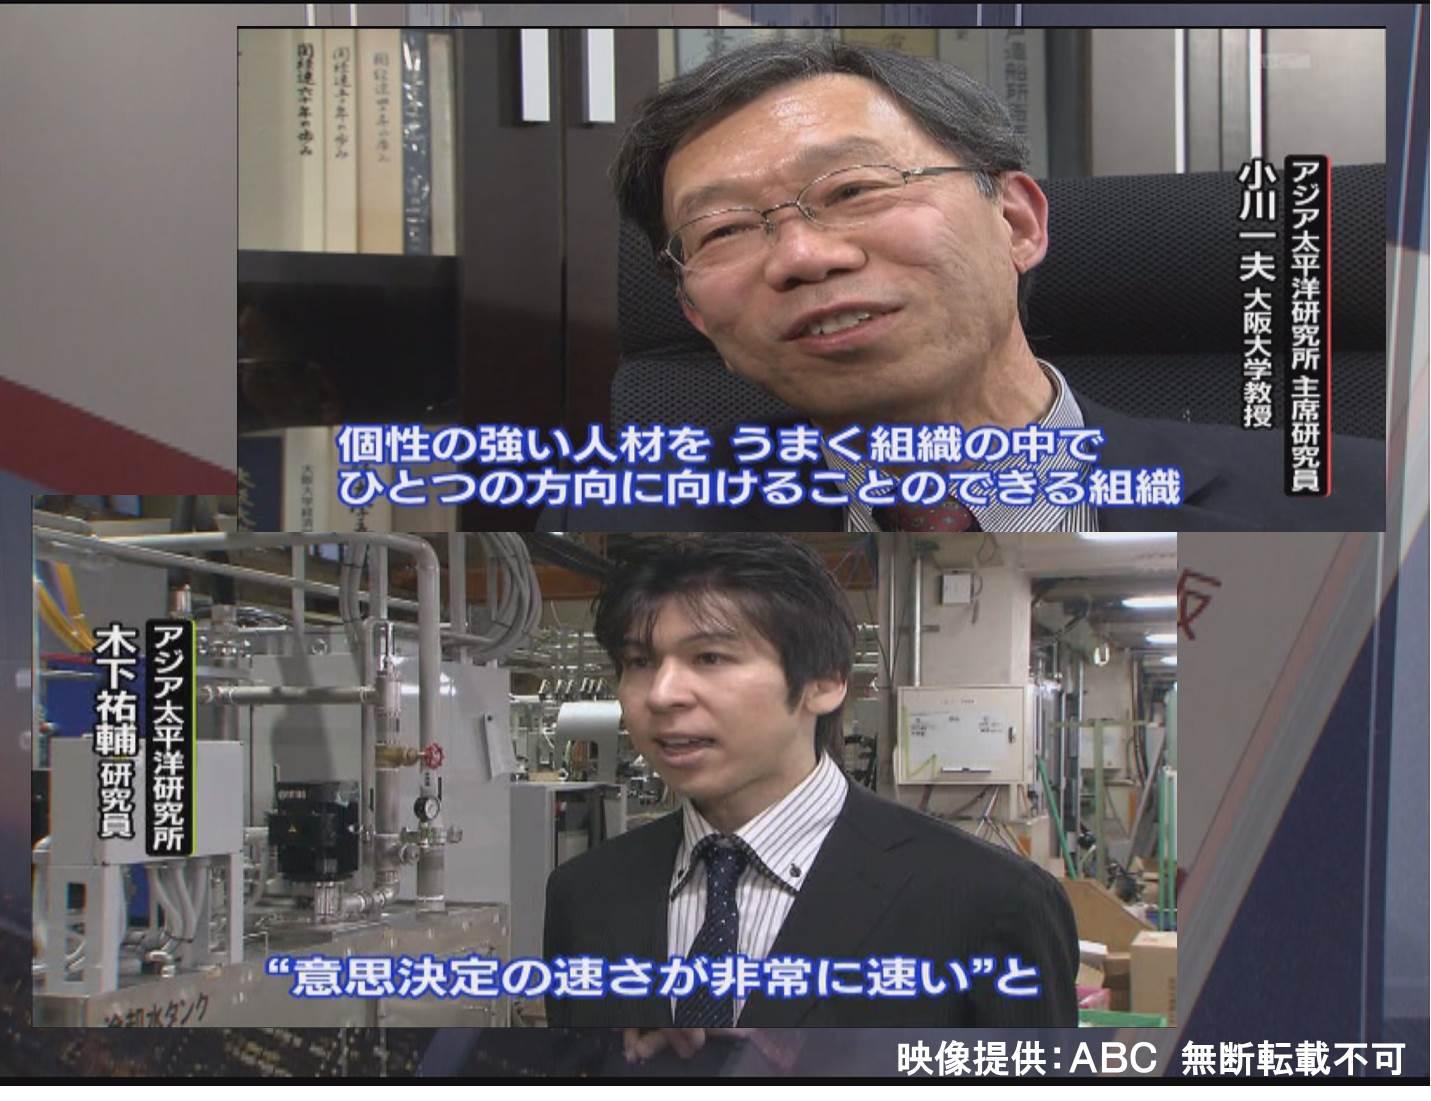 APIRのプロジェクトが朝日放送より取材・放映